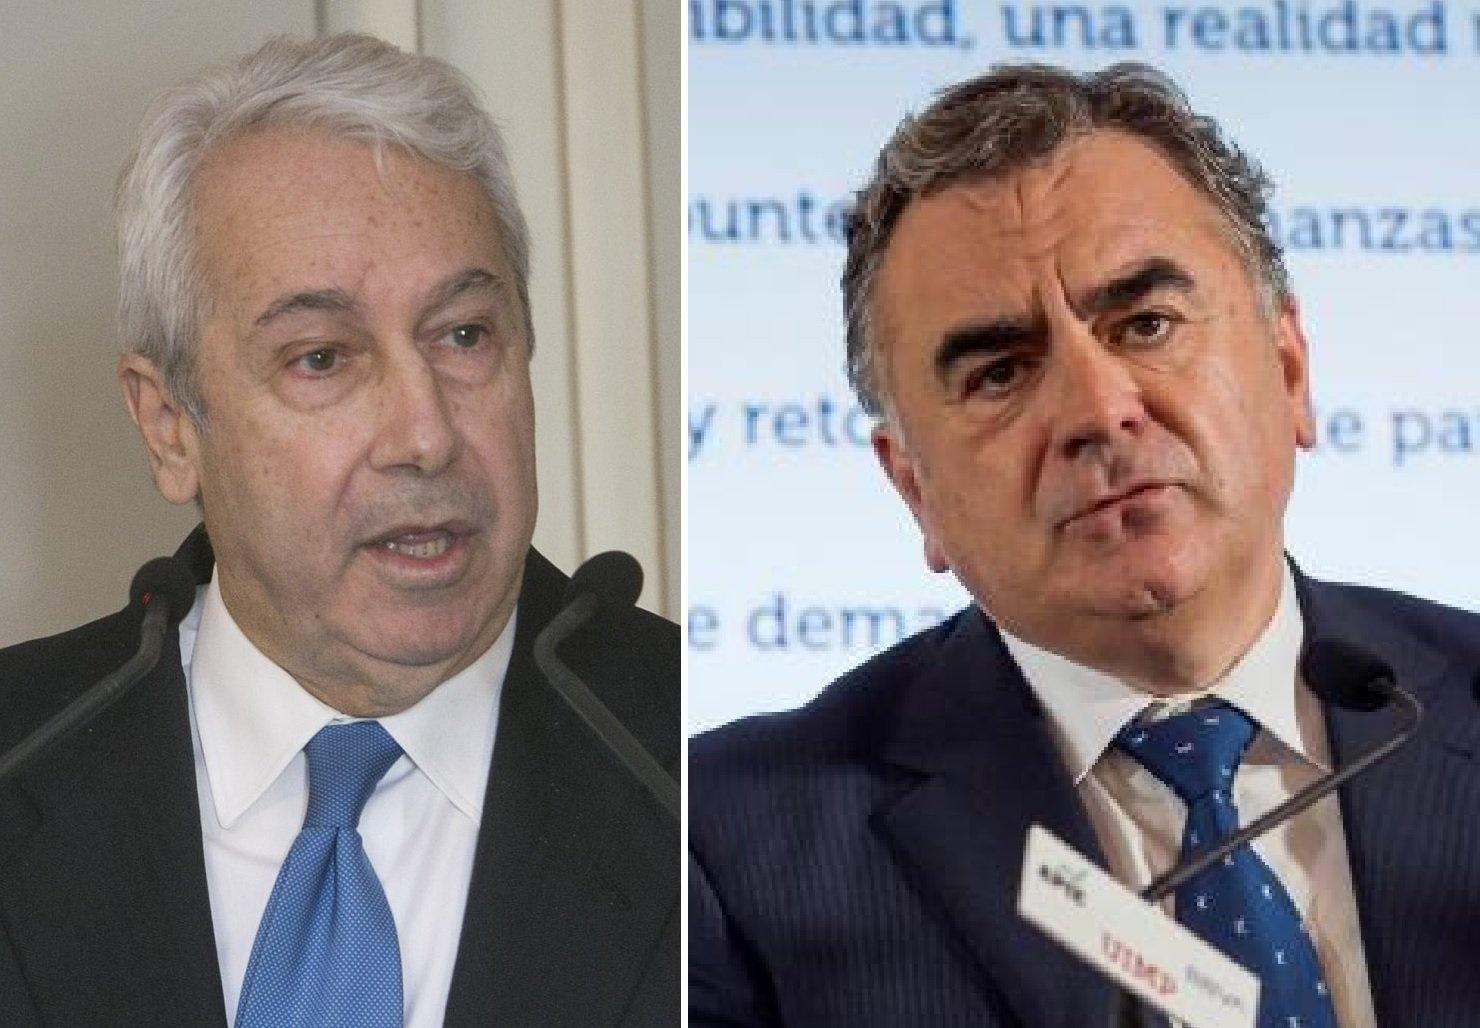 Antonio Zoido y Javier Hernani se embolsarán más de 5 millones de euros gracias a la opa de Six